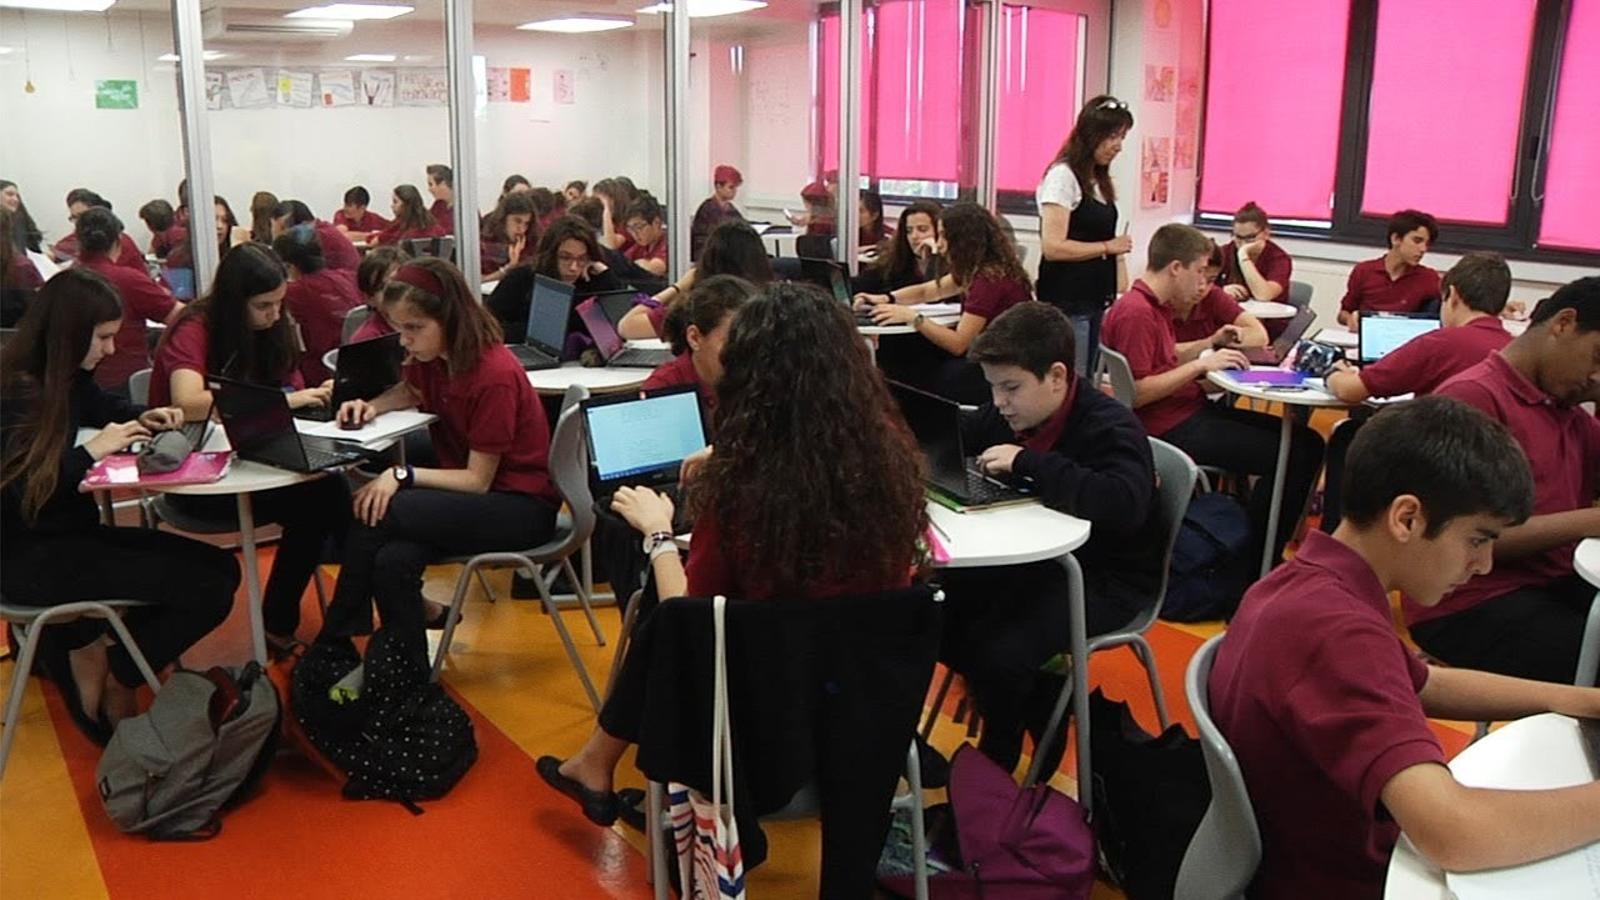 Concursos literaris per esperonar els joves a escriure